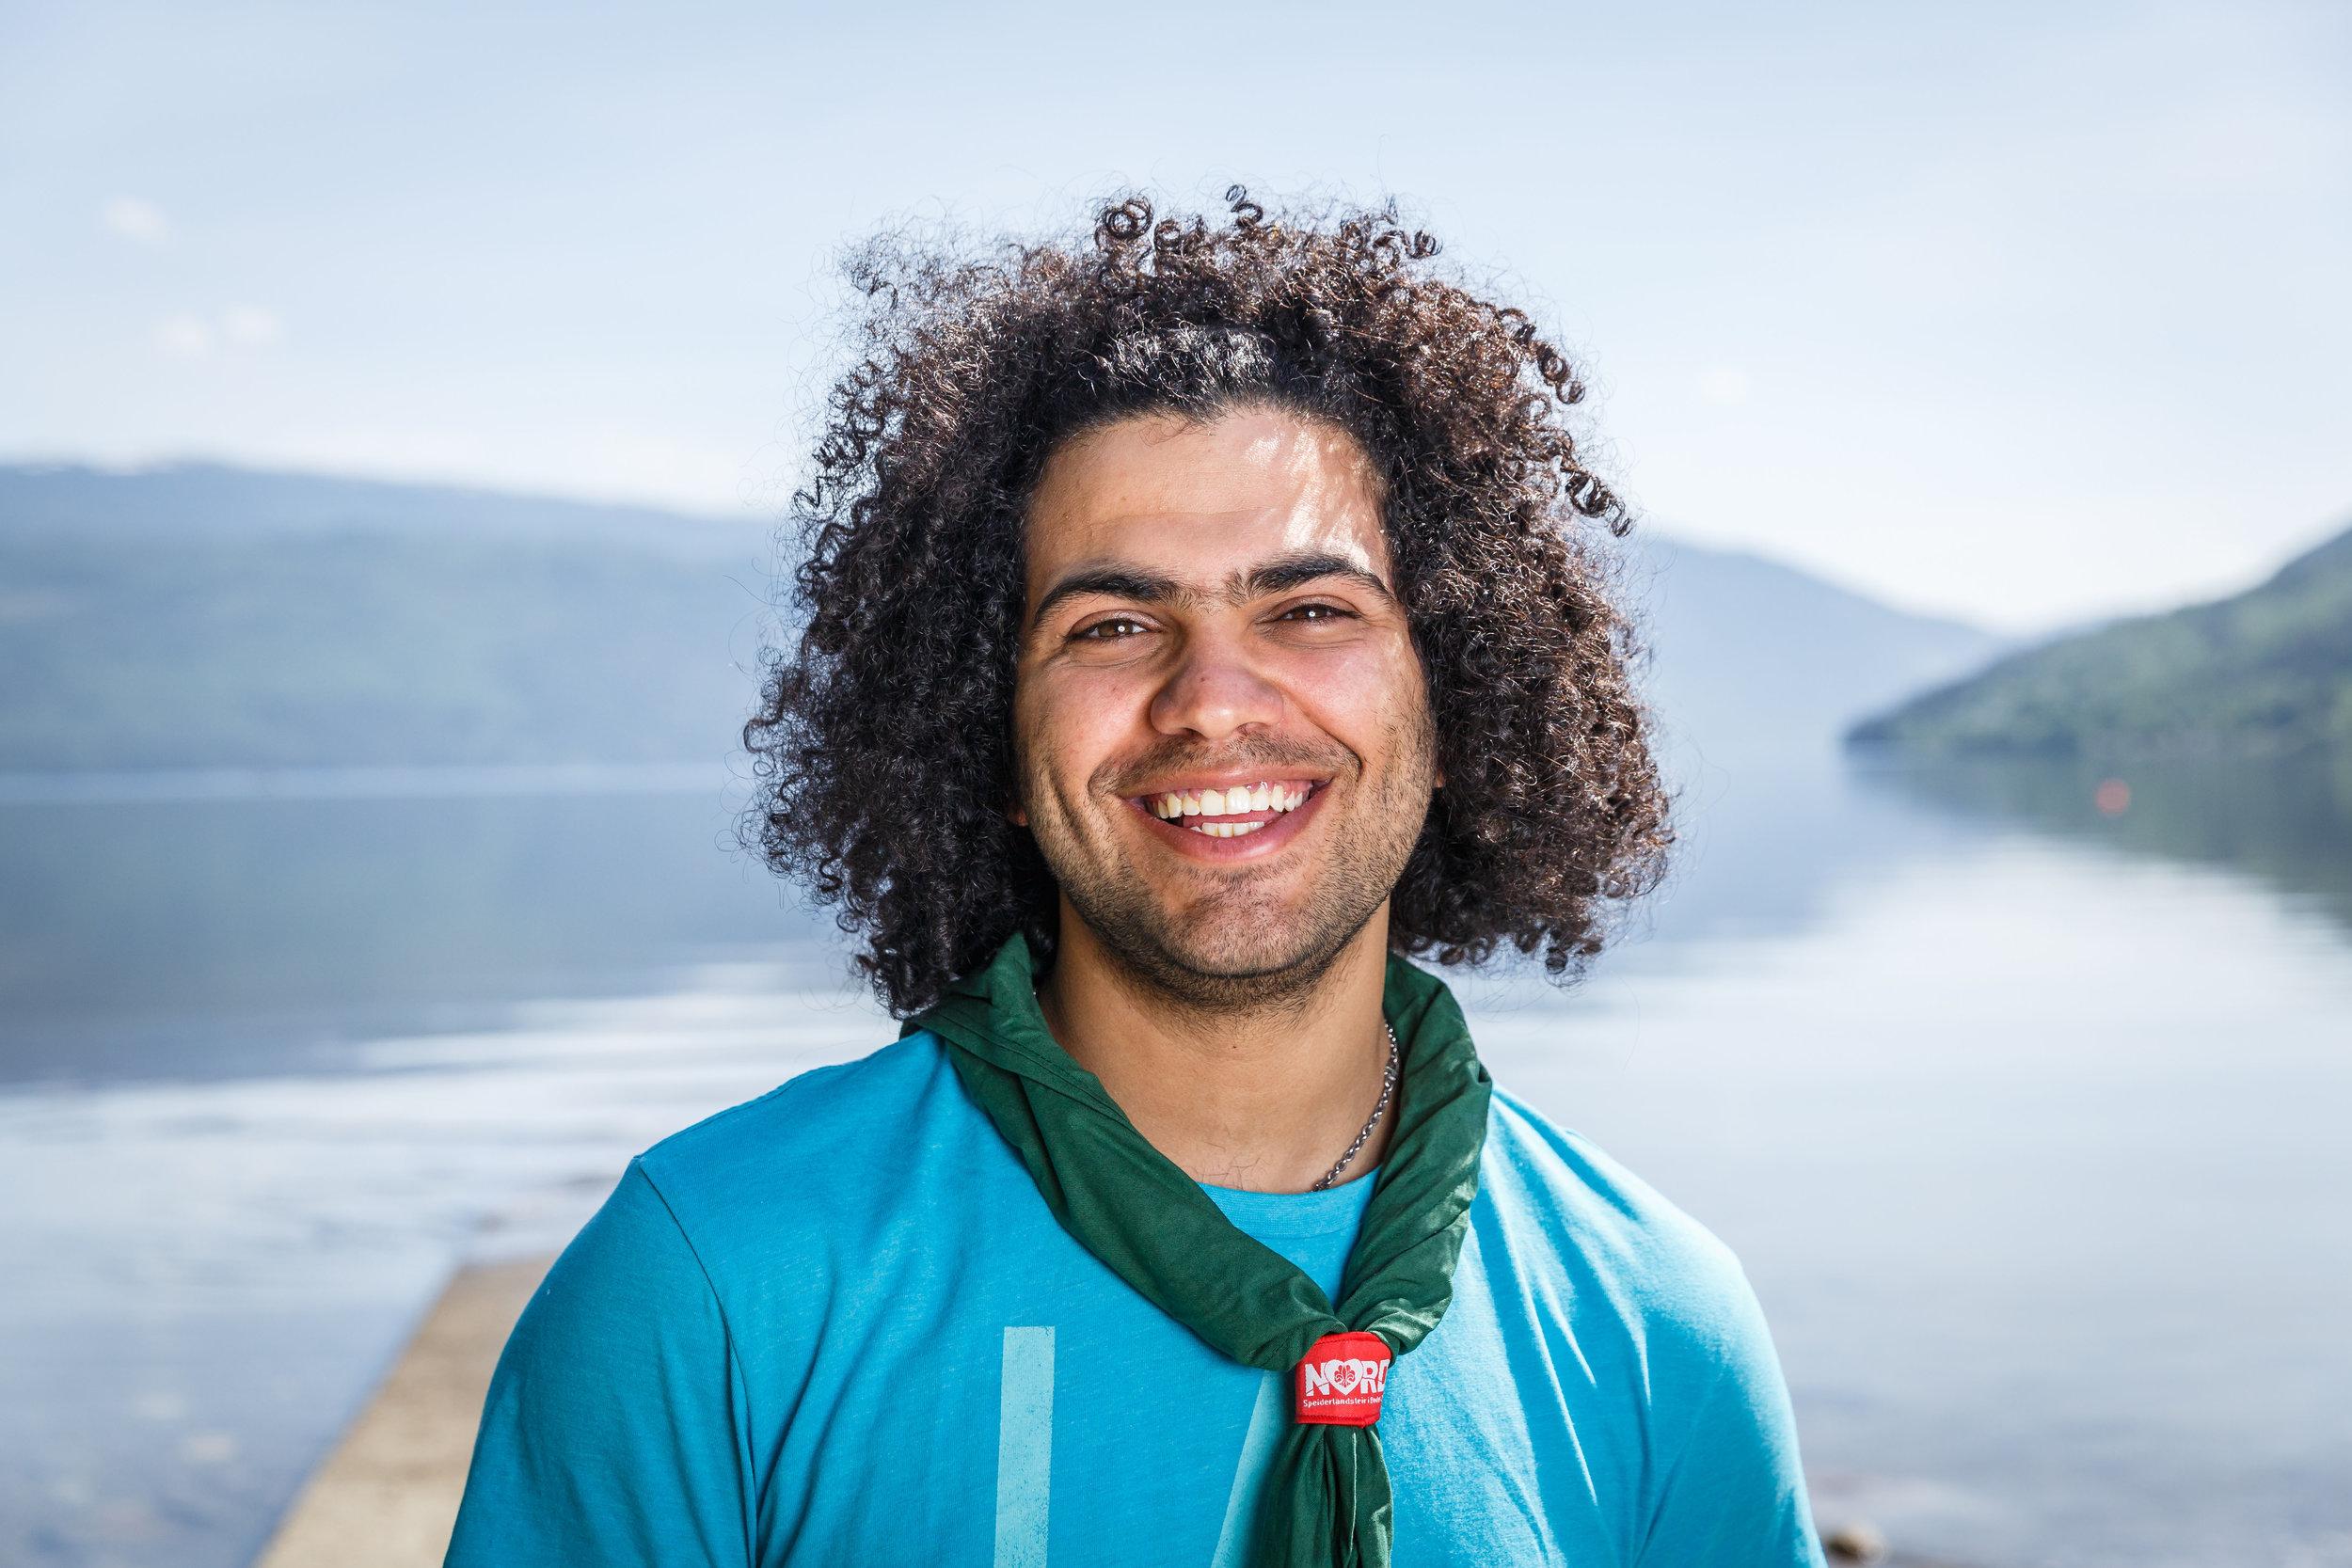 Mohamad er speiderleder i Rjukan speidergruppe. Foto: Alexander Vestrum.